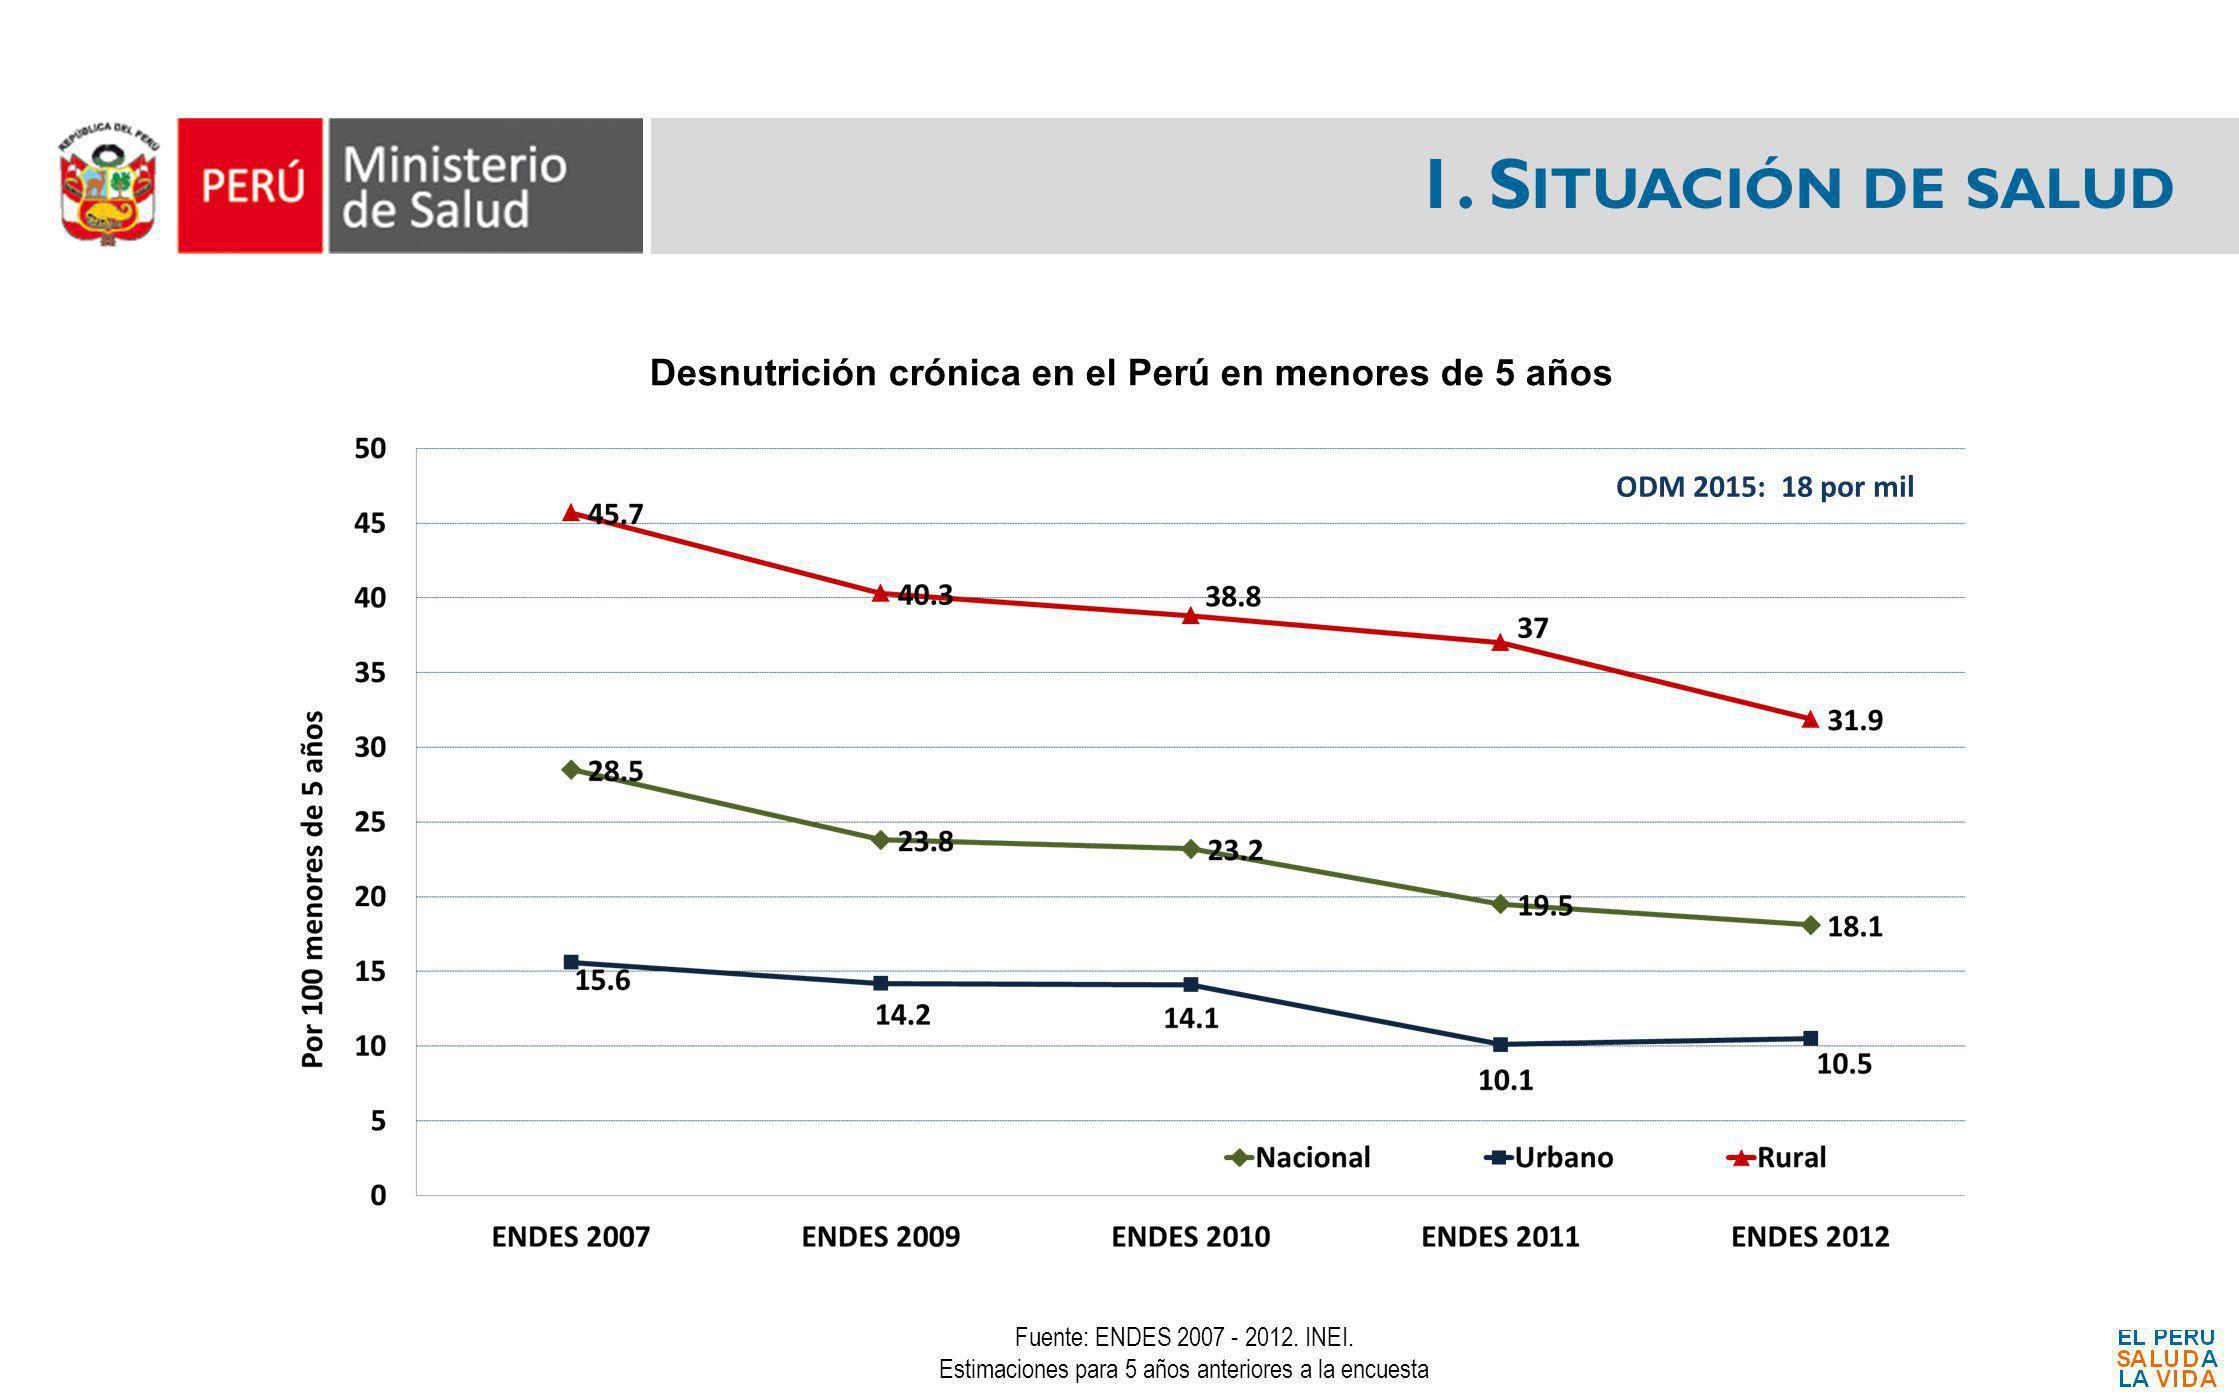 Desnutrición crónica en el Perú en menores de 5 años